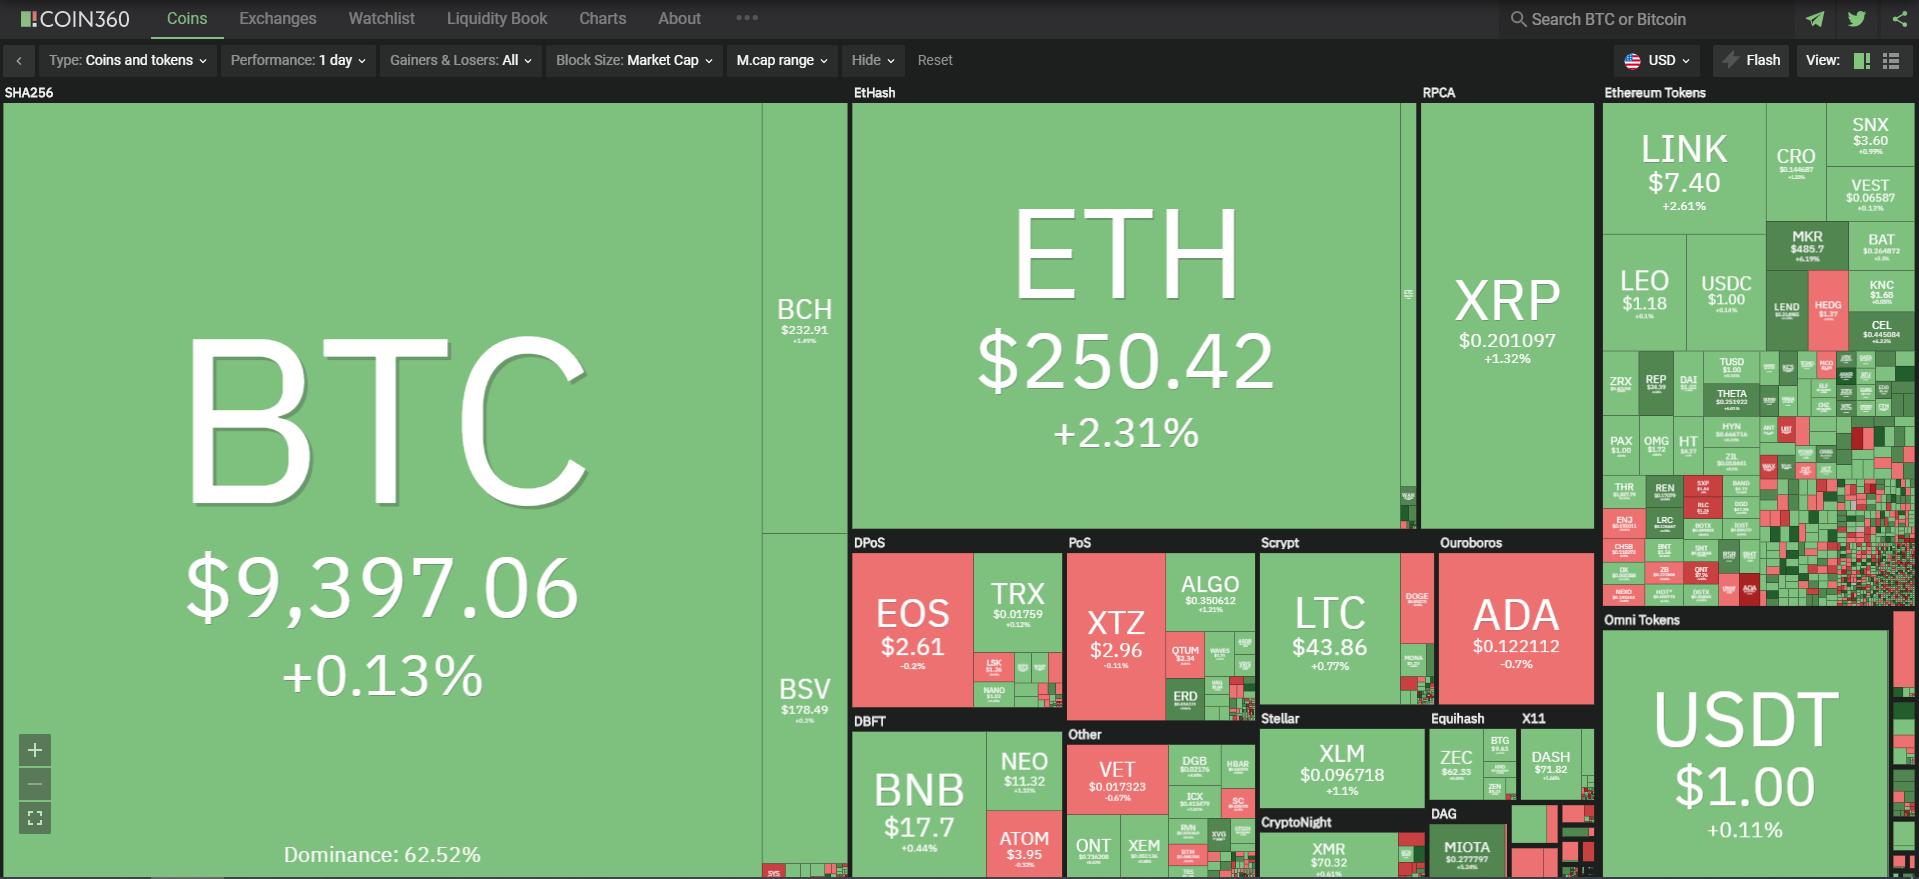 Toàn cảnh thị trường ngày 23/7 (nguồn: Coin360.com)